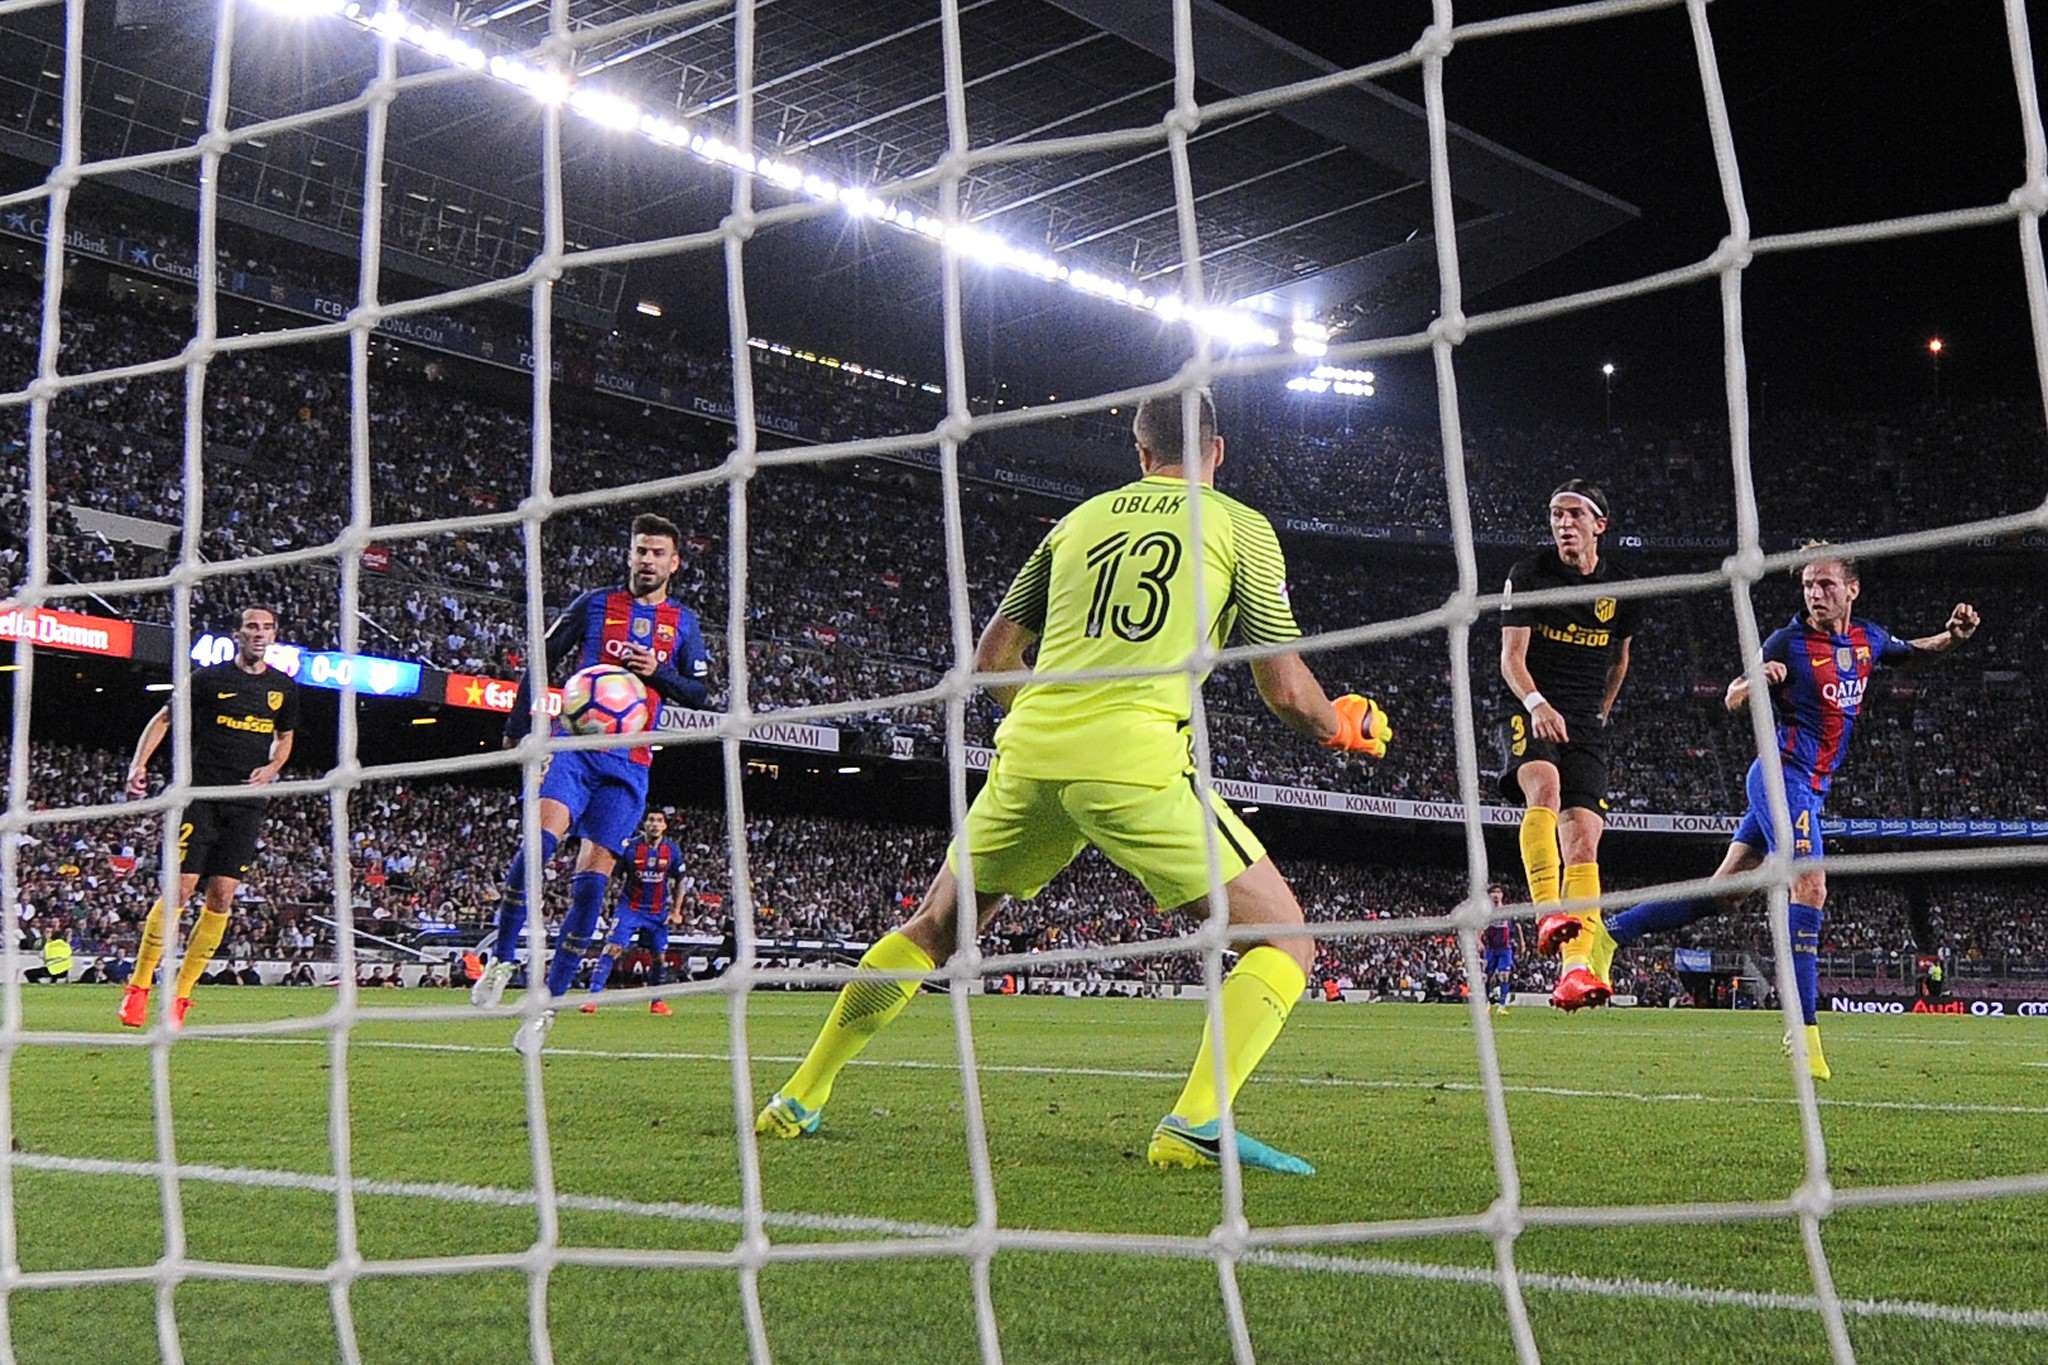 Ivan Rakitic scores against Atletico Madrid